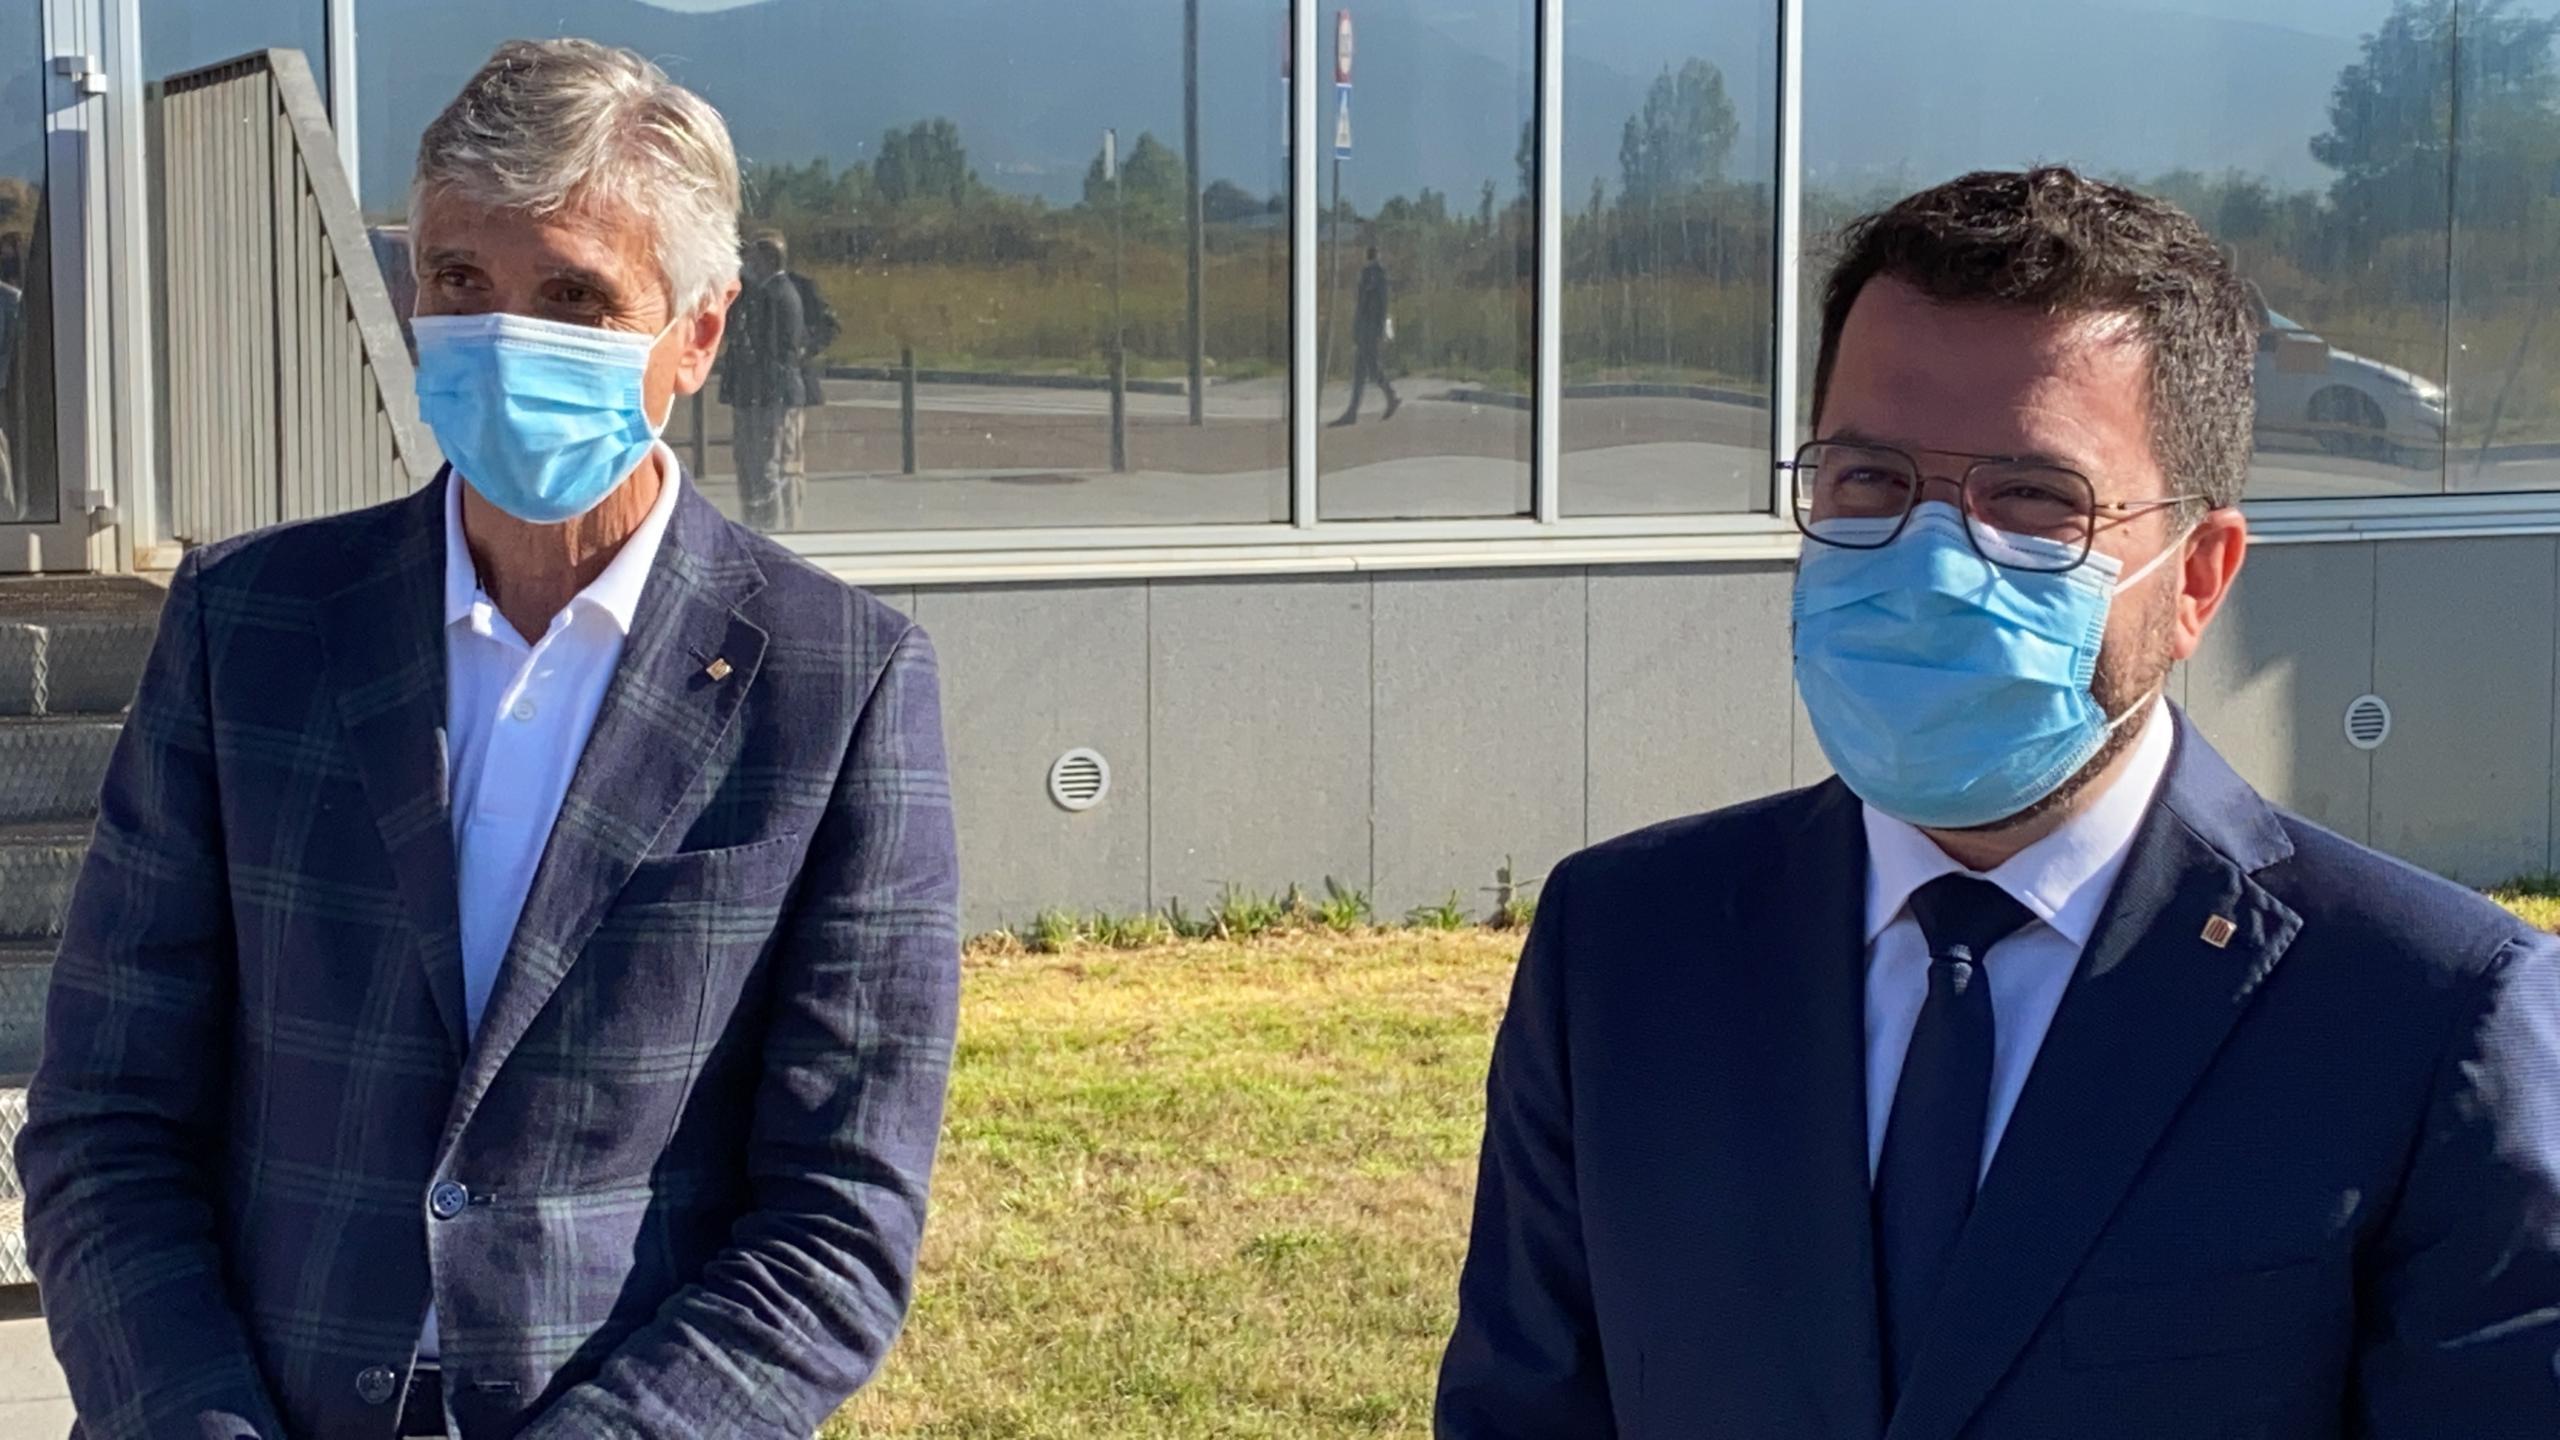 El president de la Generalitat, Pere Aragonès, i el conseller de Salut, Josep Maria Argimon, a l'exterior de l'Hospital de Cerdanya (ACN)